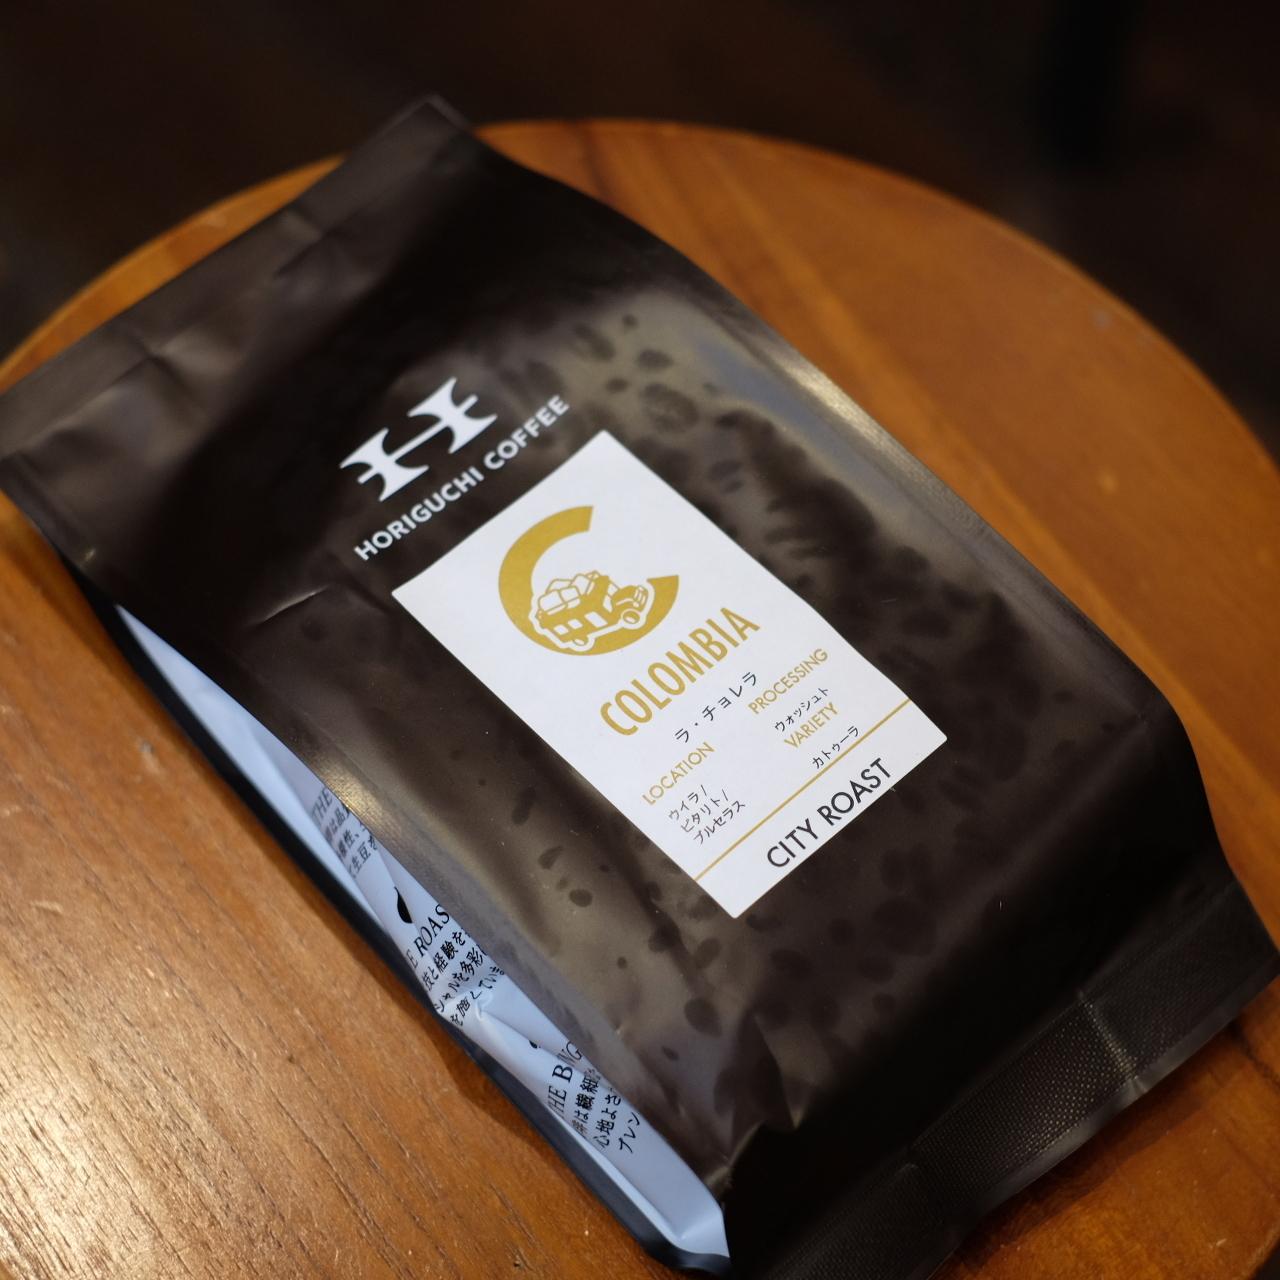 コロンビア ラ・チョレラ シティロースト 200g コーヒー豆(堀口珈琲)